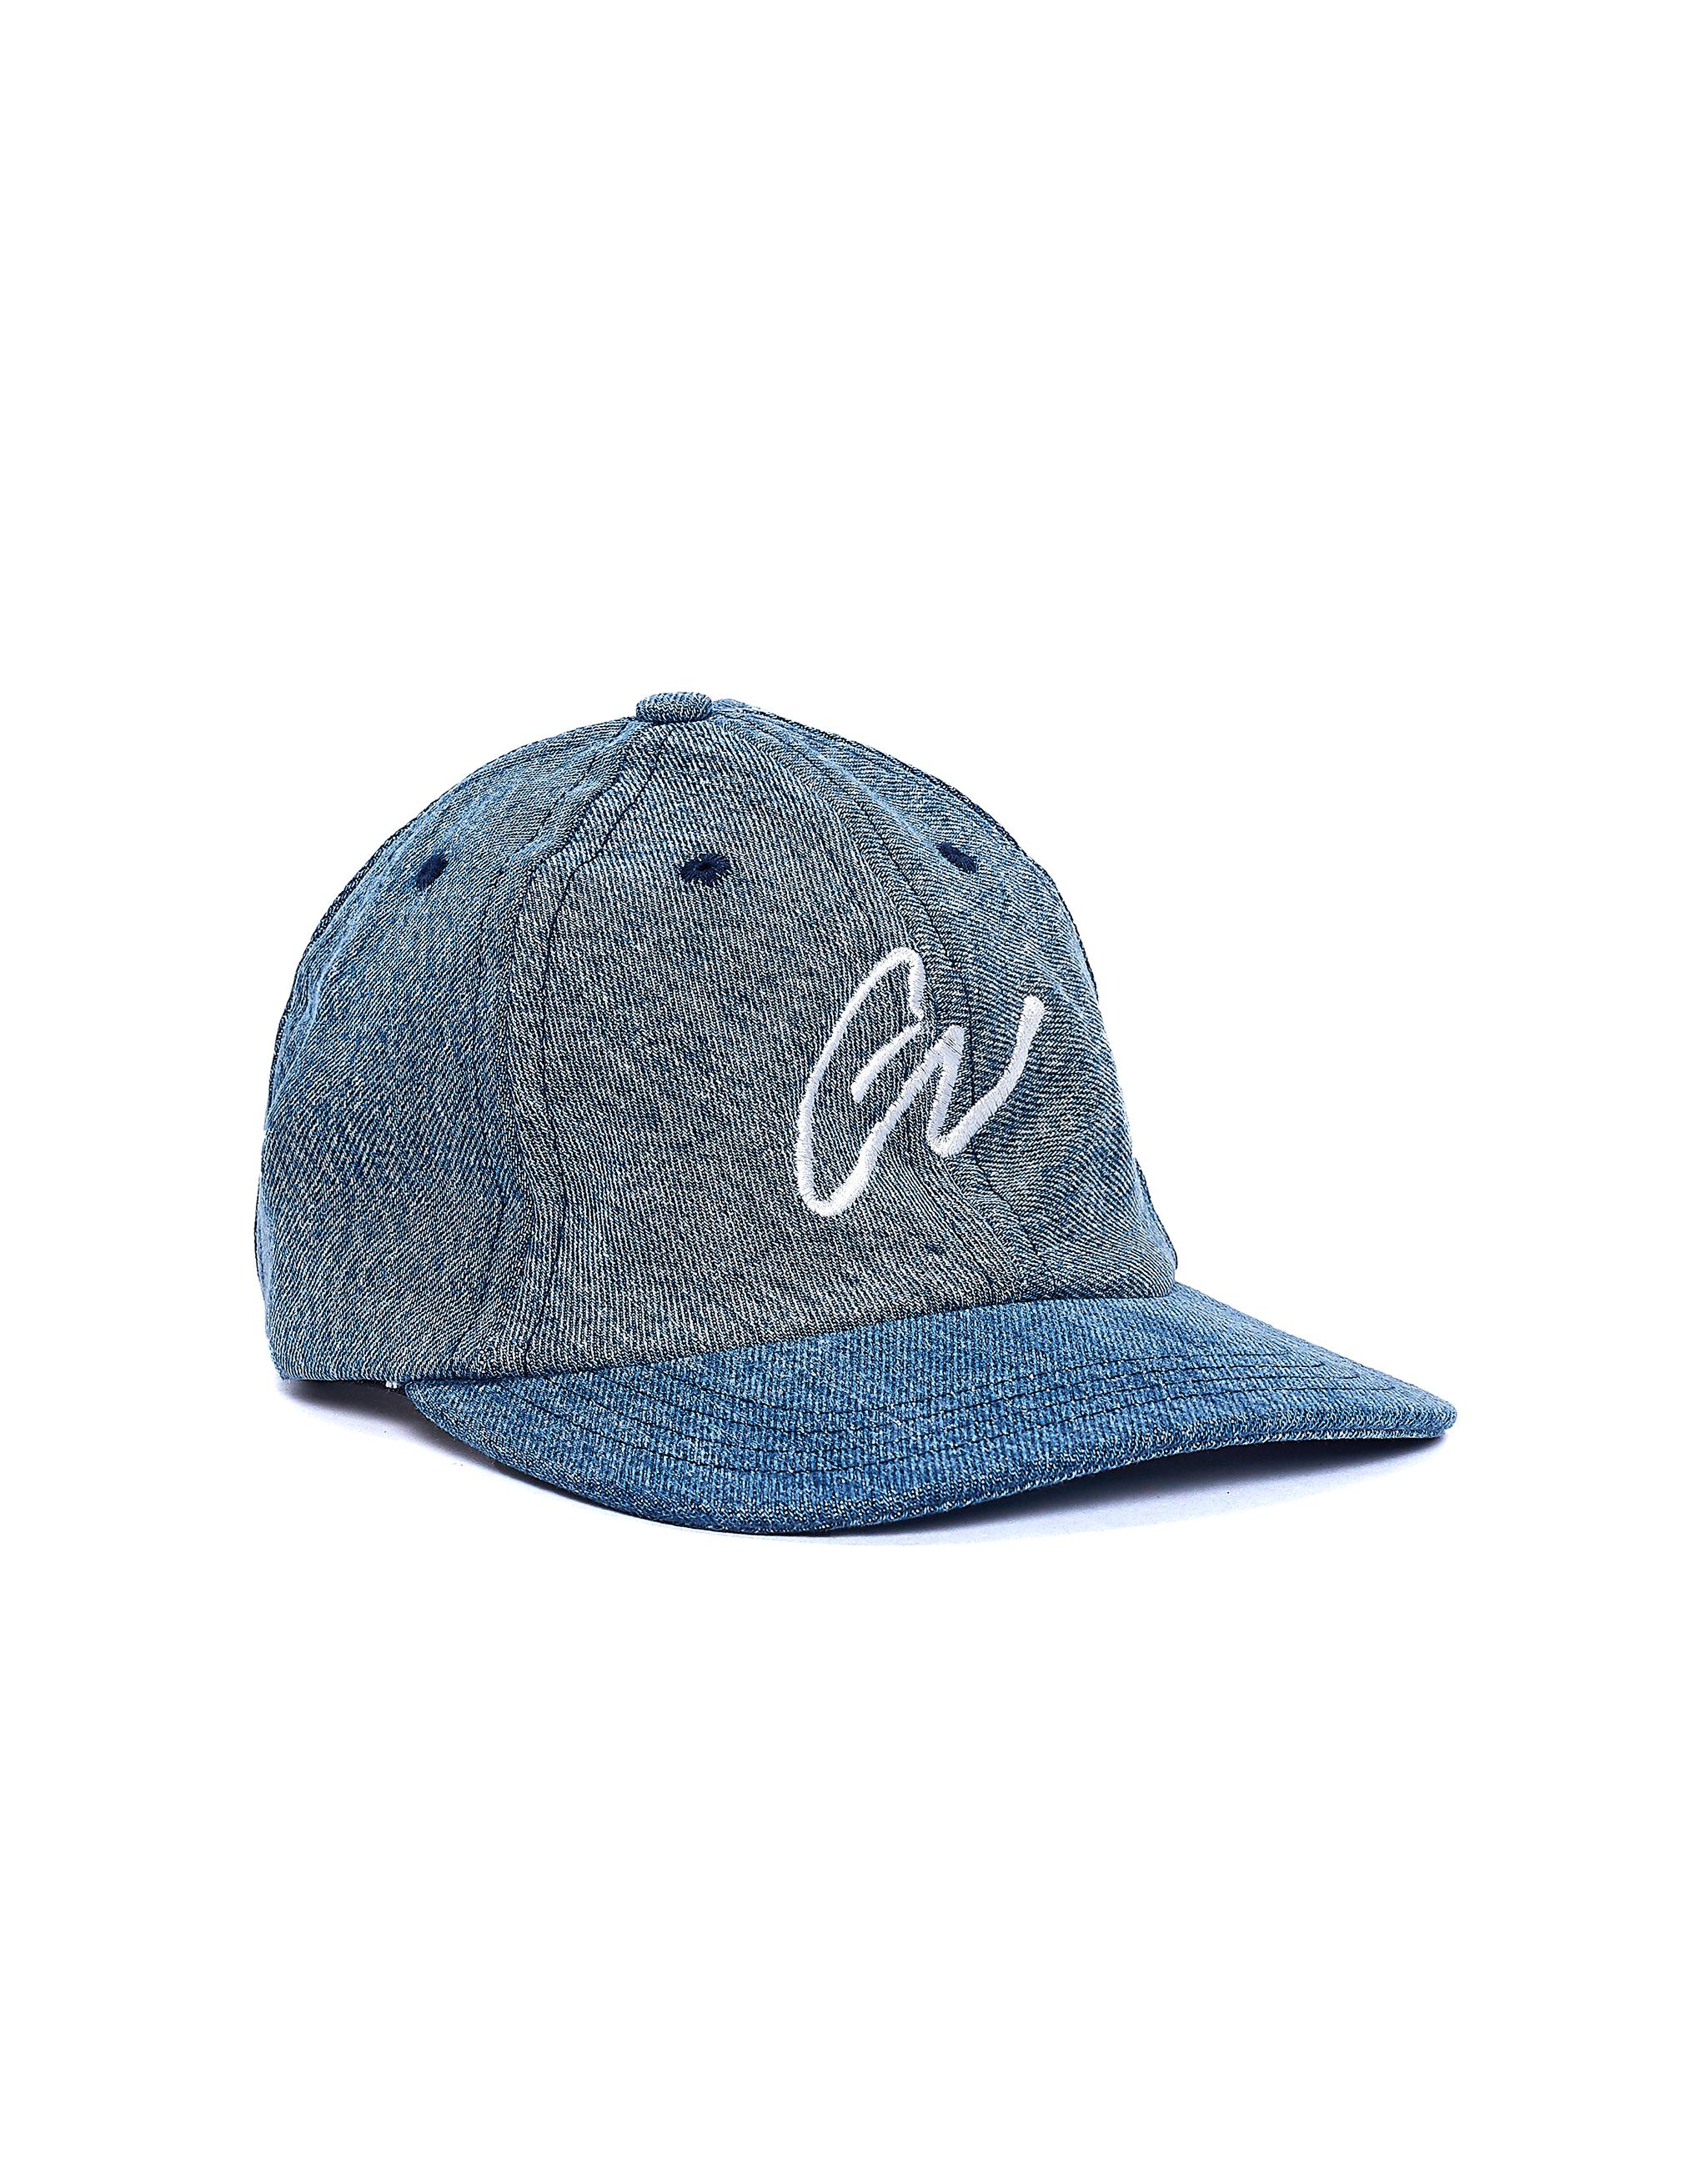 Greg Lauren Blue Denim GL Cap